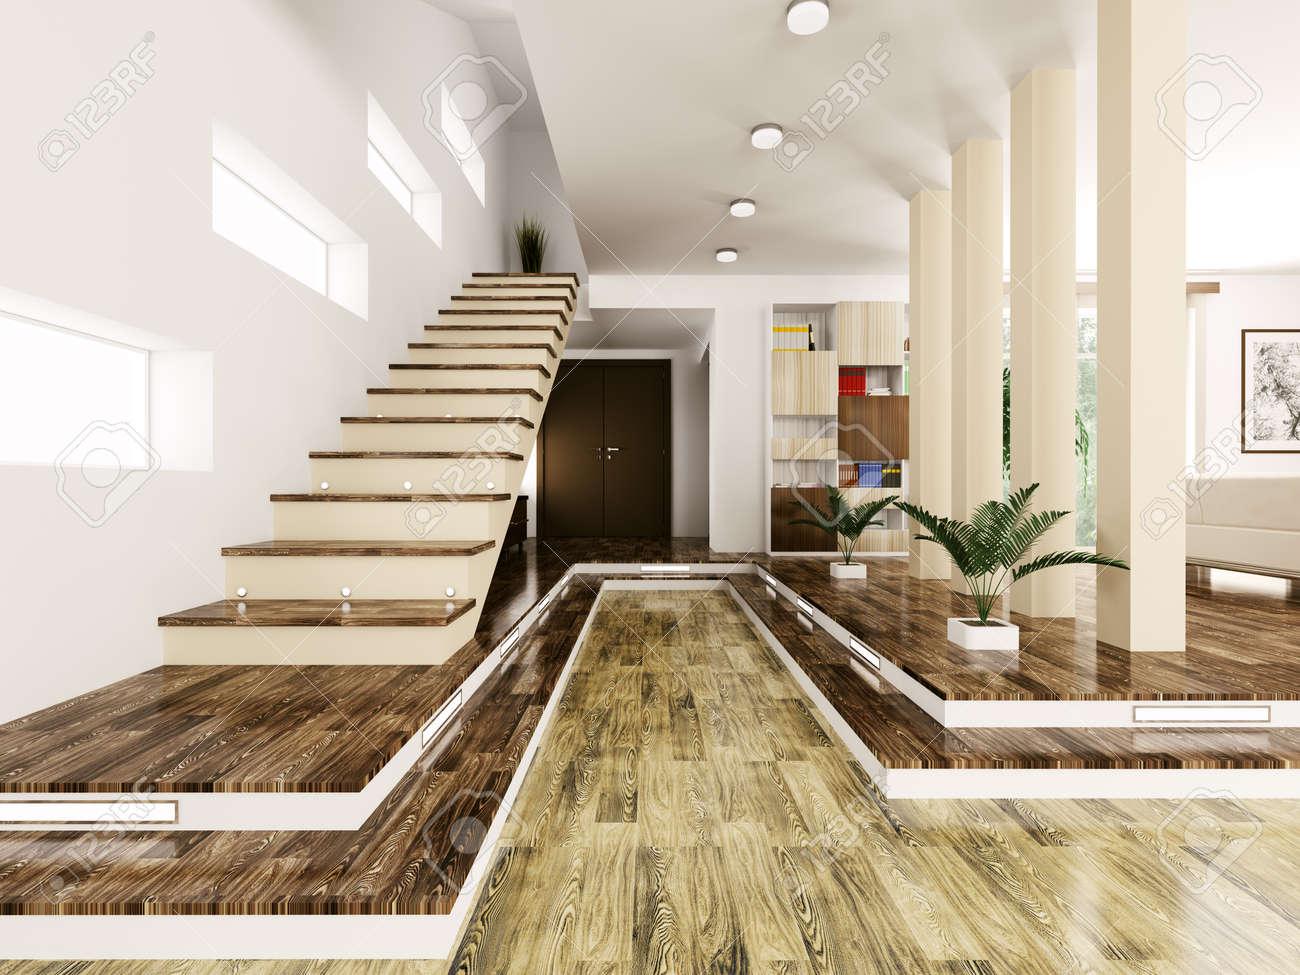 Hall D Entrée Moderne intérieur du hall d'entrée avec escalier moderne, rendu 3d